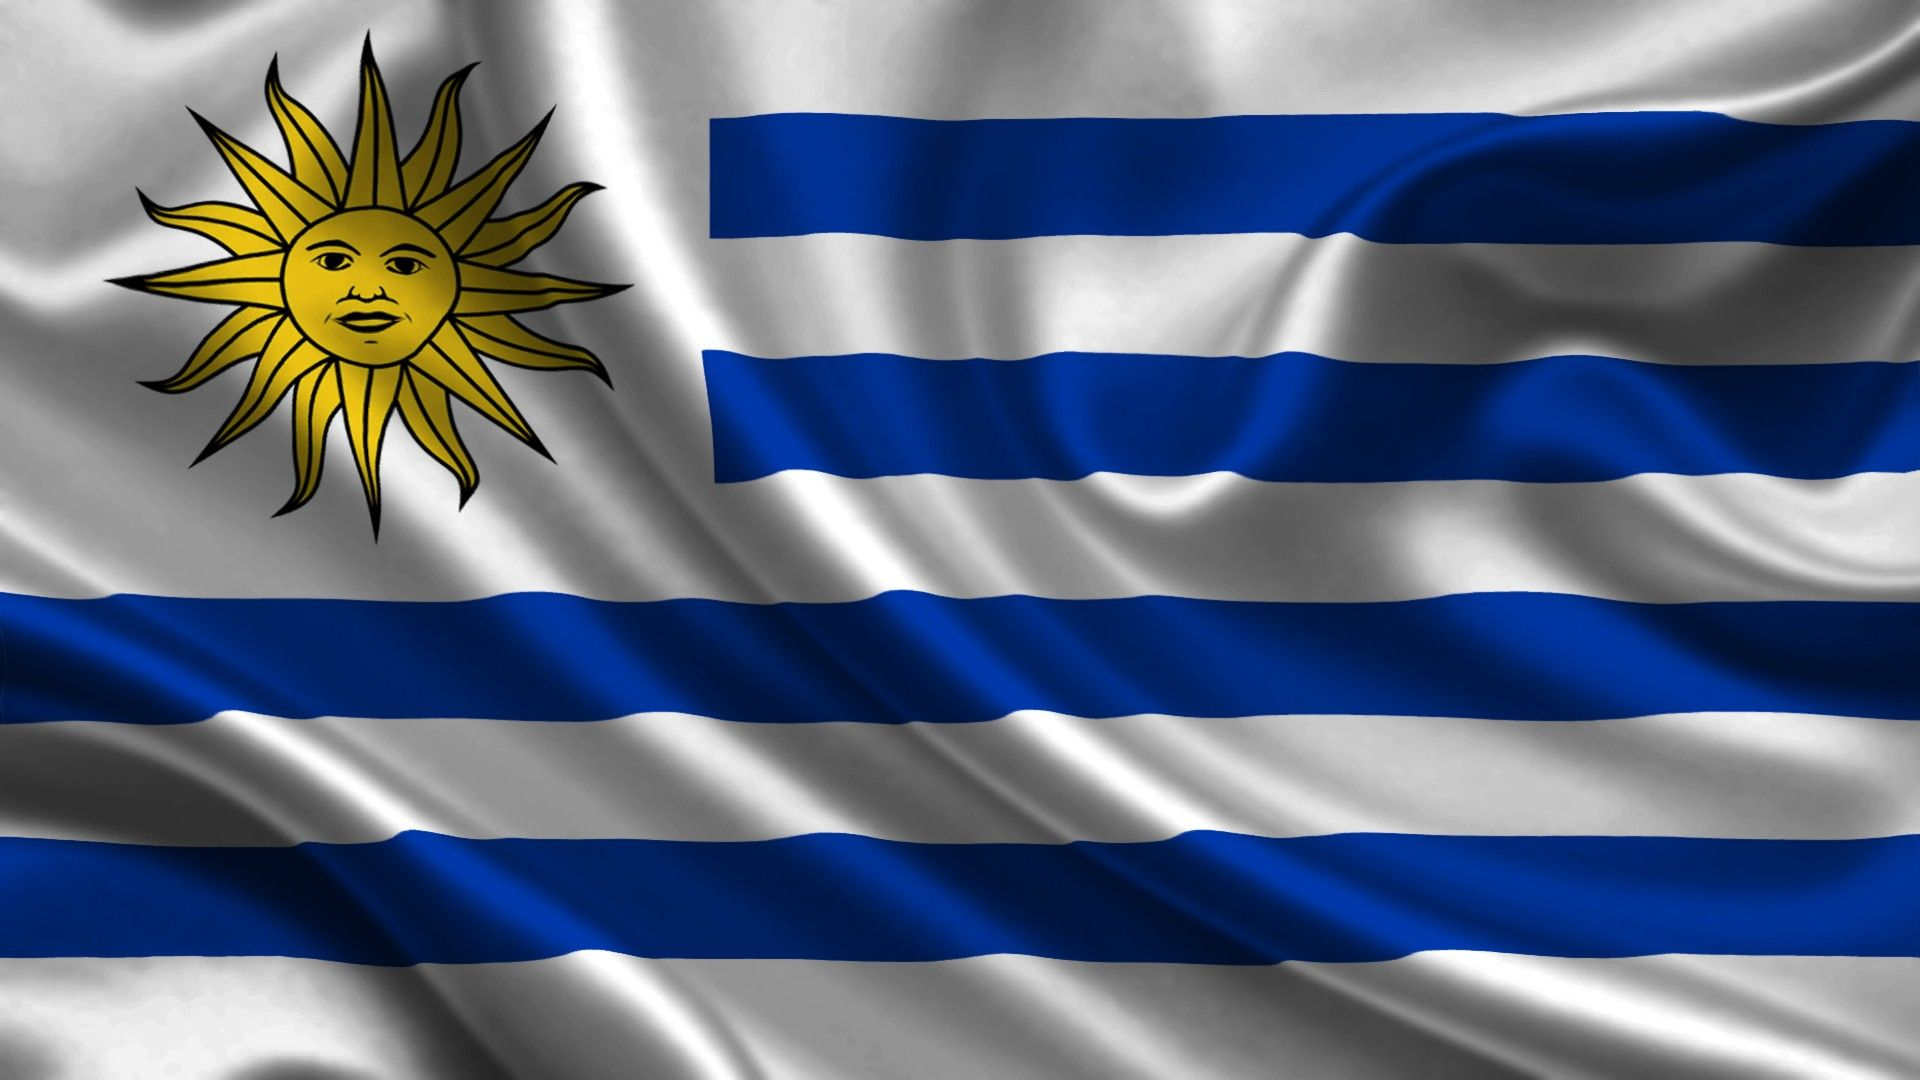 Flag Of Uruguay Wallpaper Flags Wallpaper Uruguay Uruguay Flag